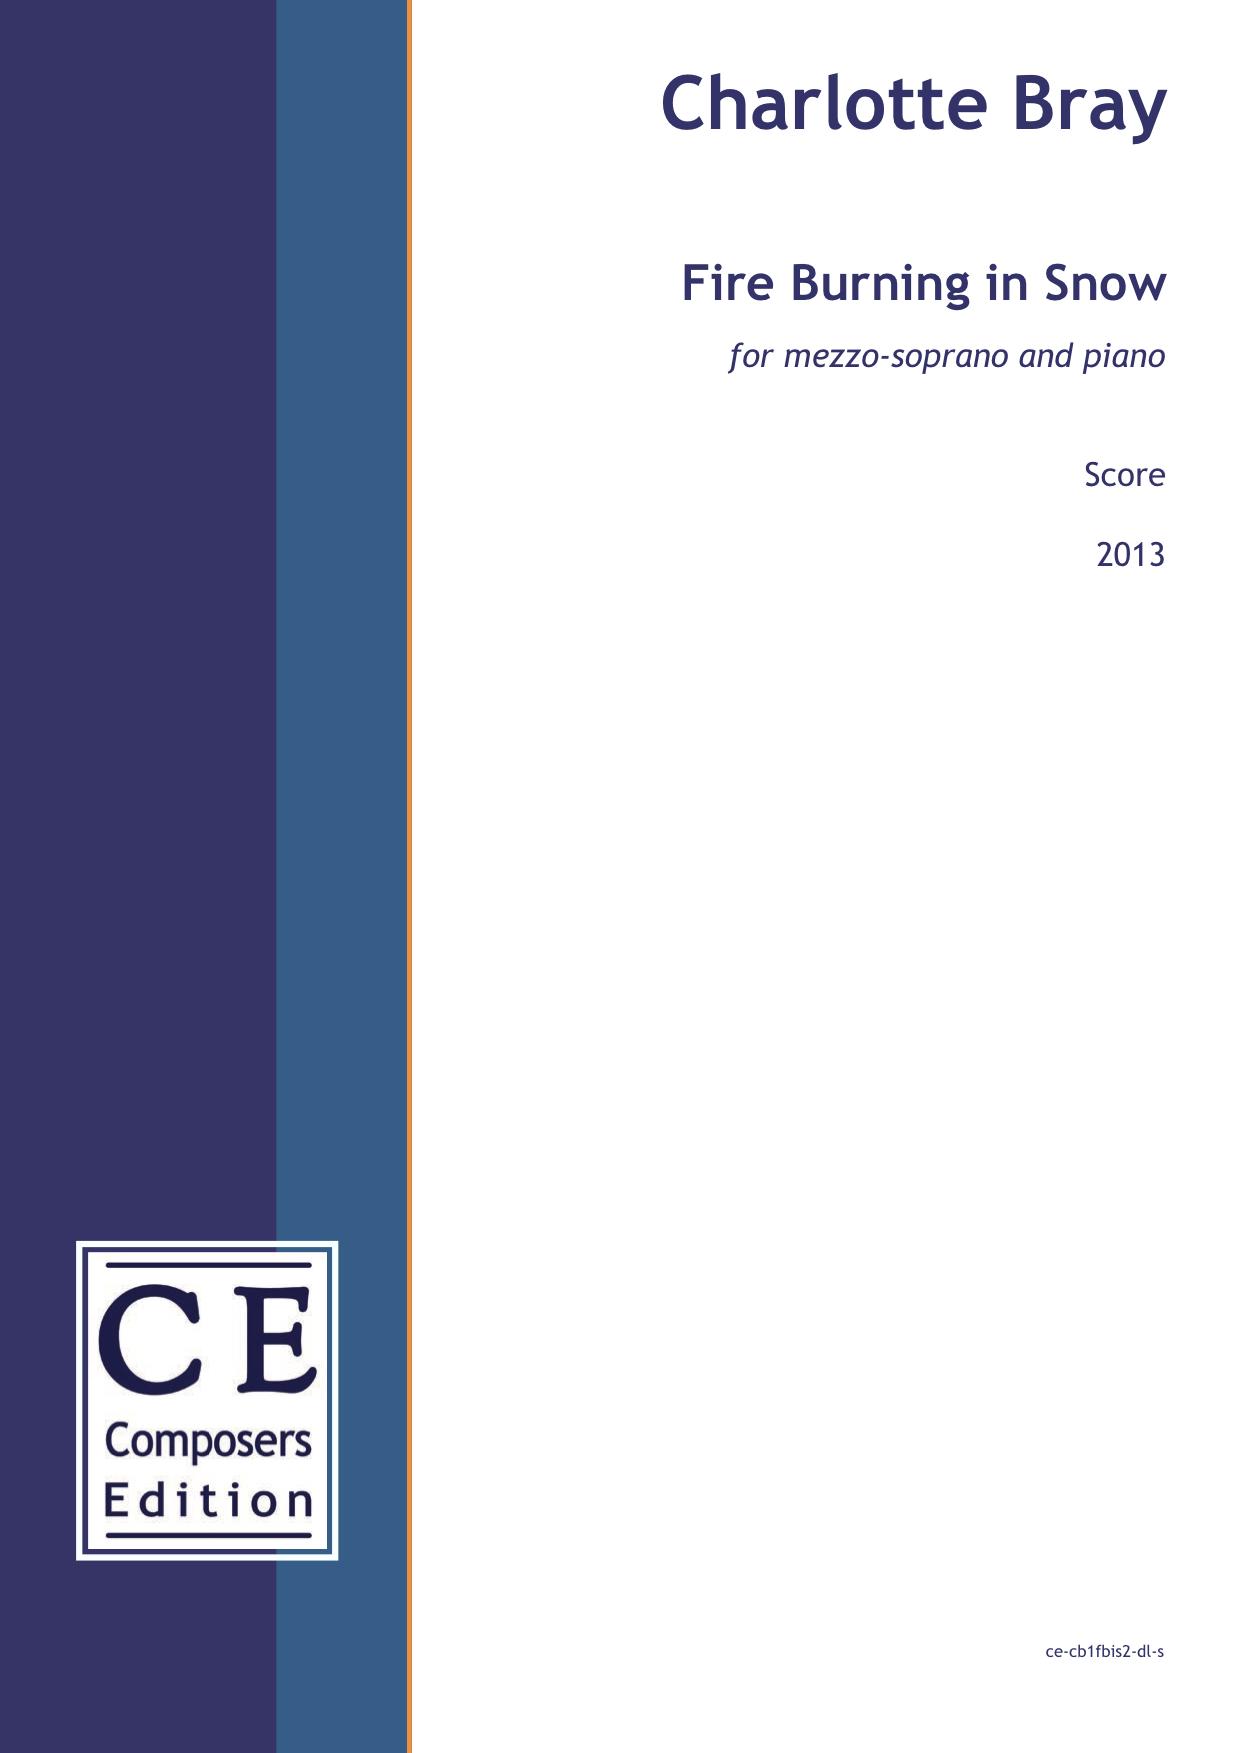 Charlotte Bray: Fire Burning in Snow (piano transcription) for mezzo-soprano and piano